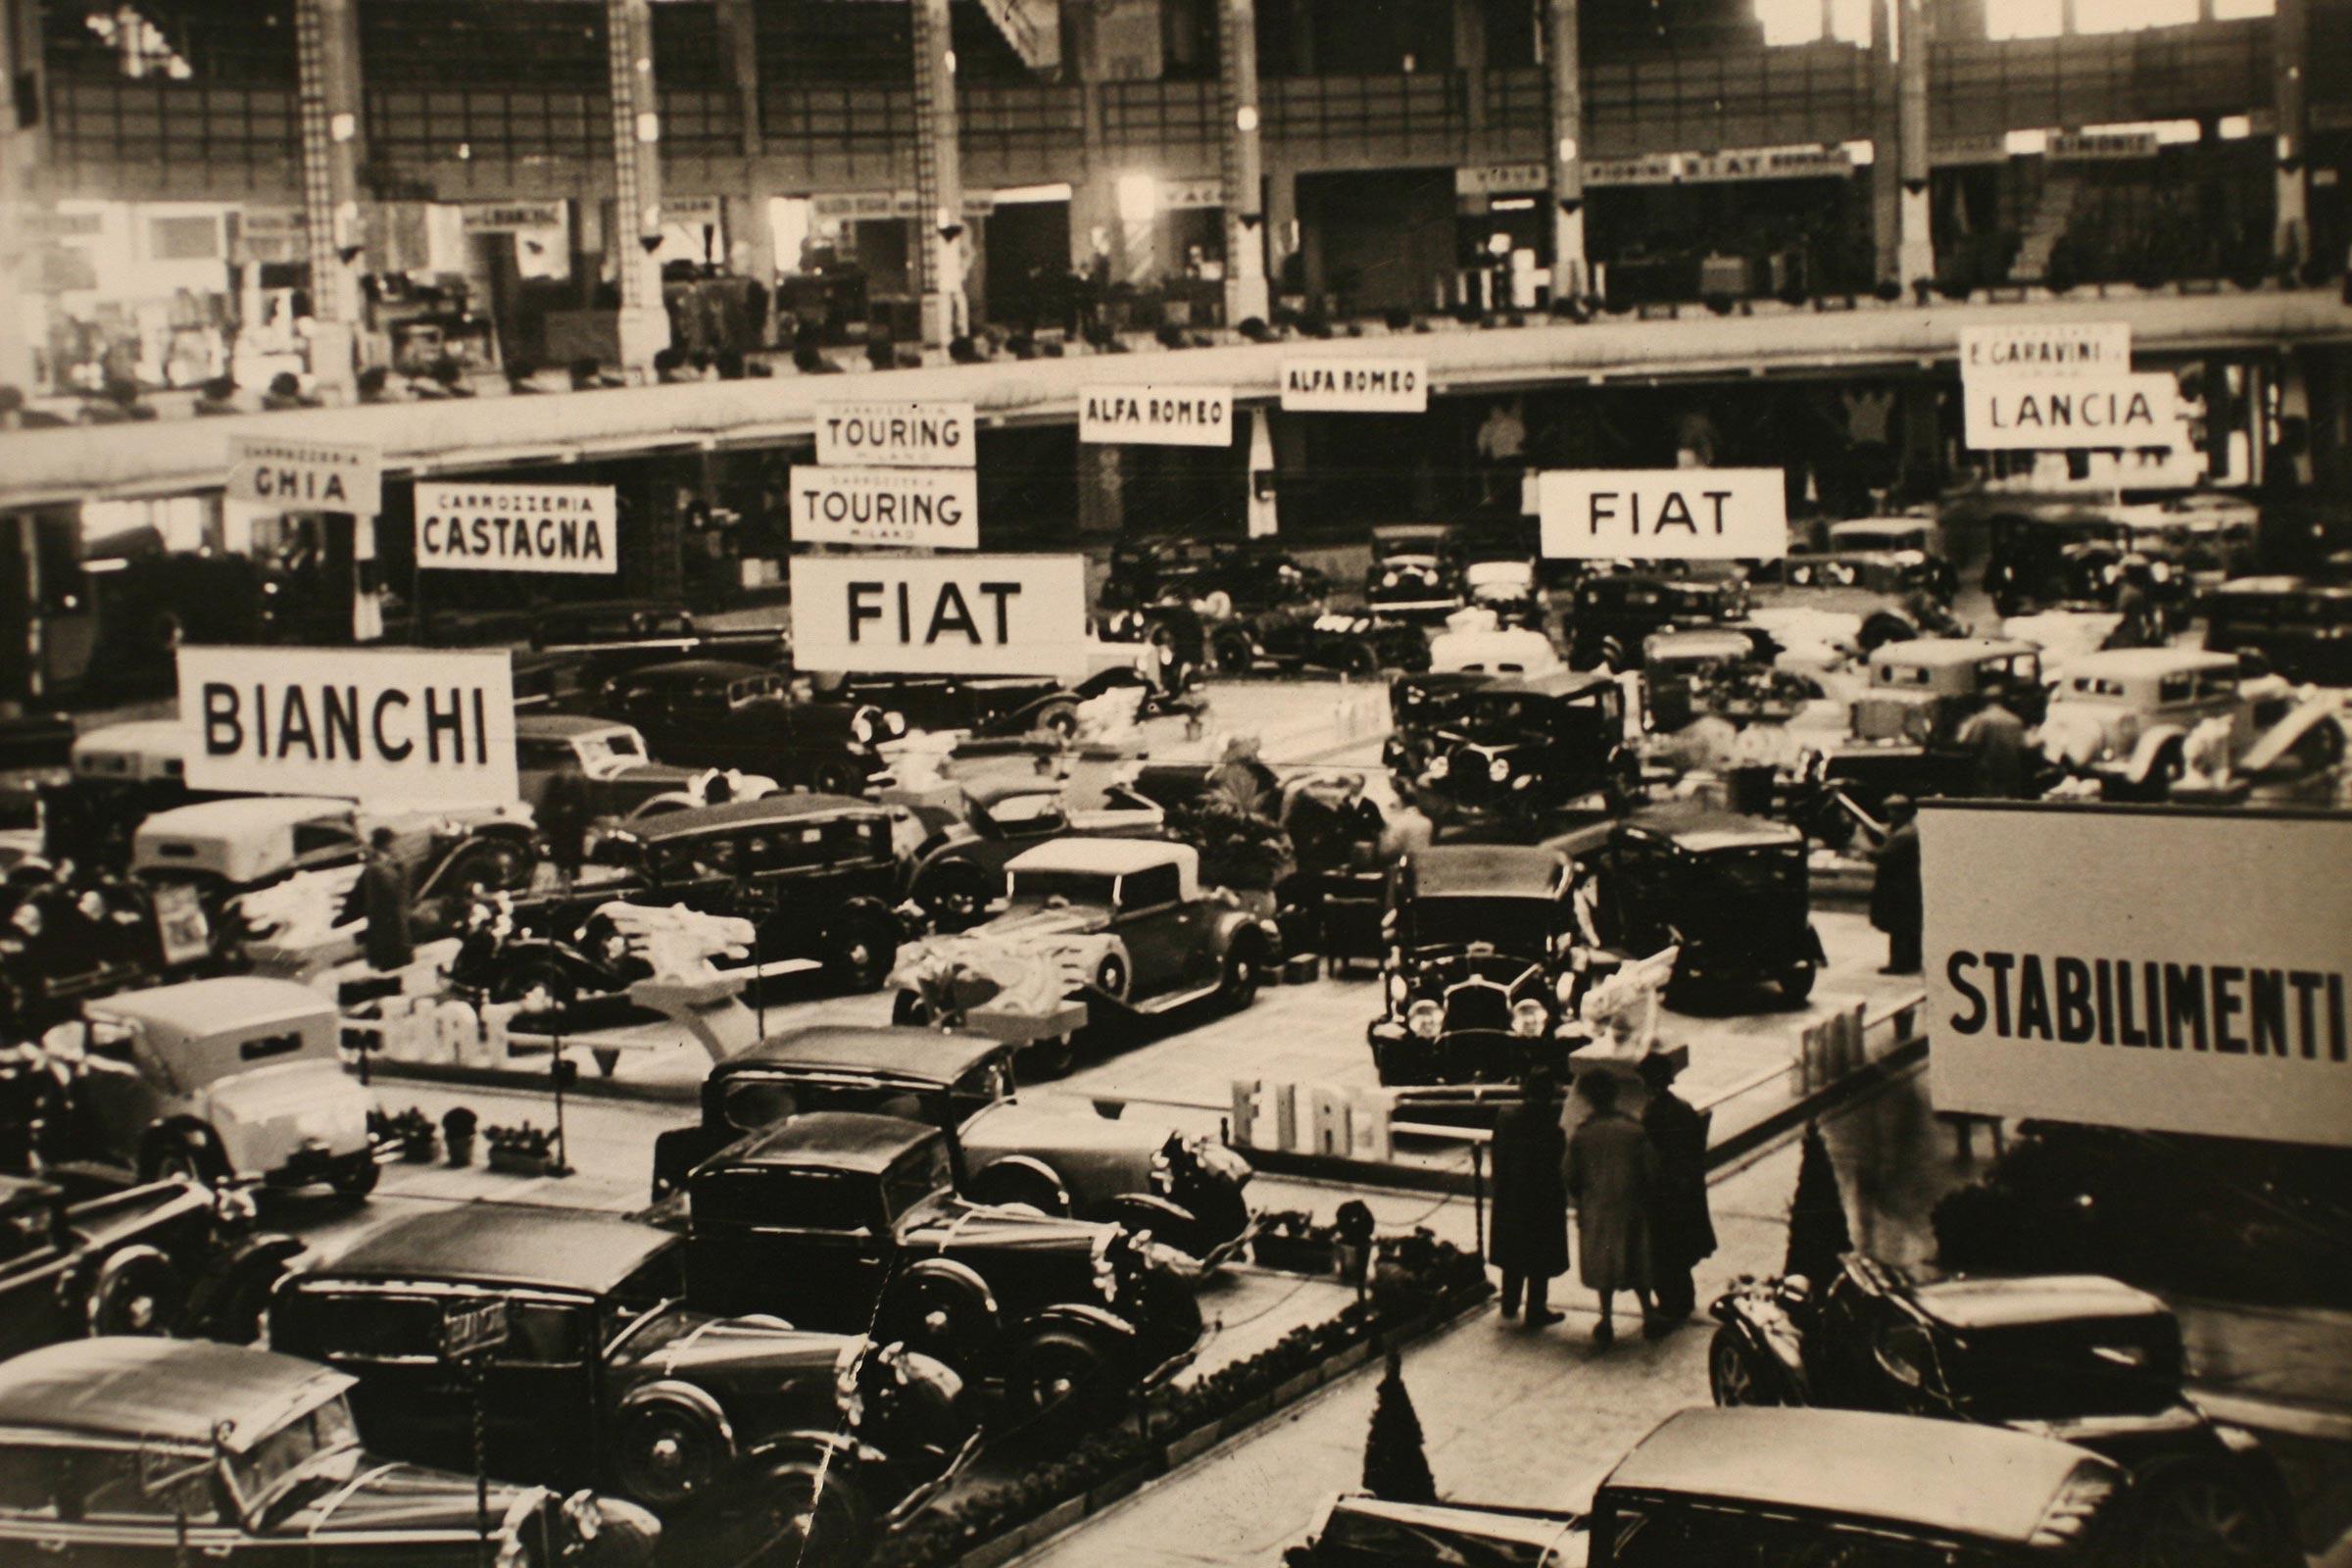 """Nel 1932 nasce la Fiat """"Balilla"""" ed è subito la star della Fiera: la vediamo sulla pedana al centro dello stand della Casa torinese. Intorno, i modelli Fiat più lussuosi, come la """"522"""" e la """"524""""."""